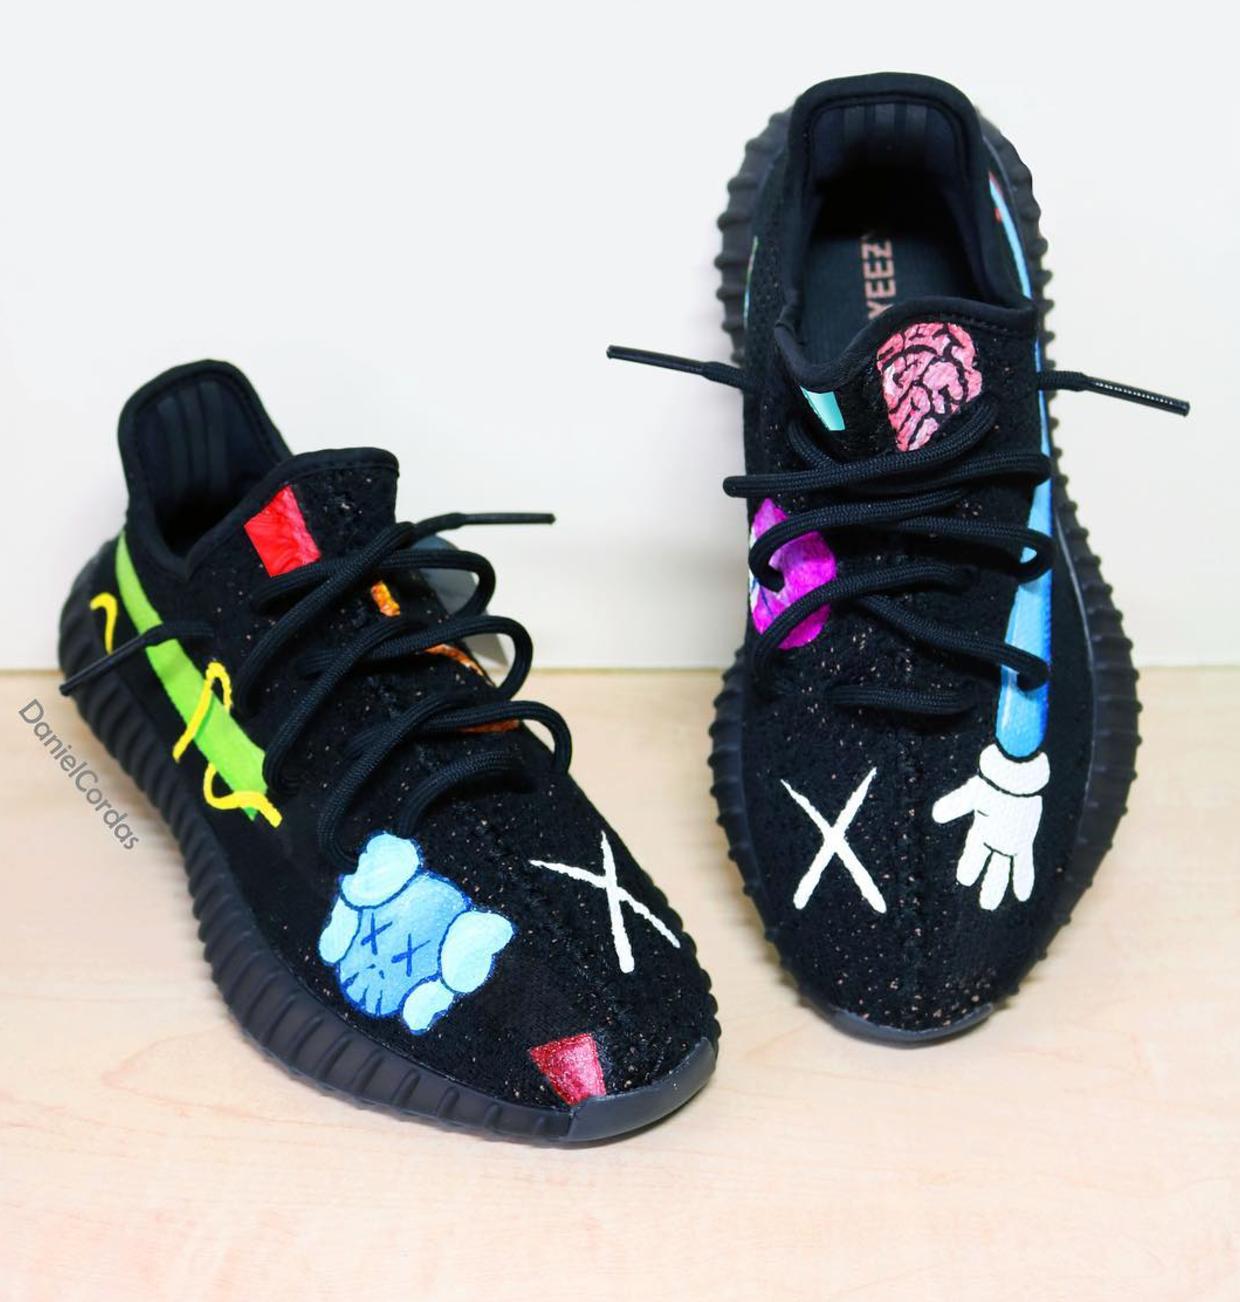 sports shoes 677ec 73862 EU - Kaws x adidas Yeezy Boost 350 V2 Custom